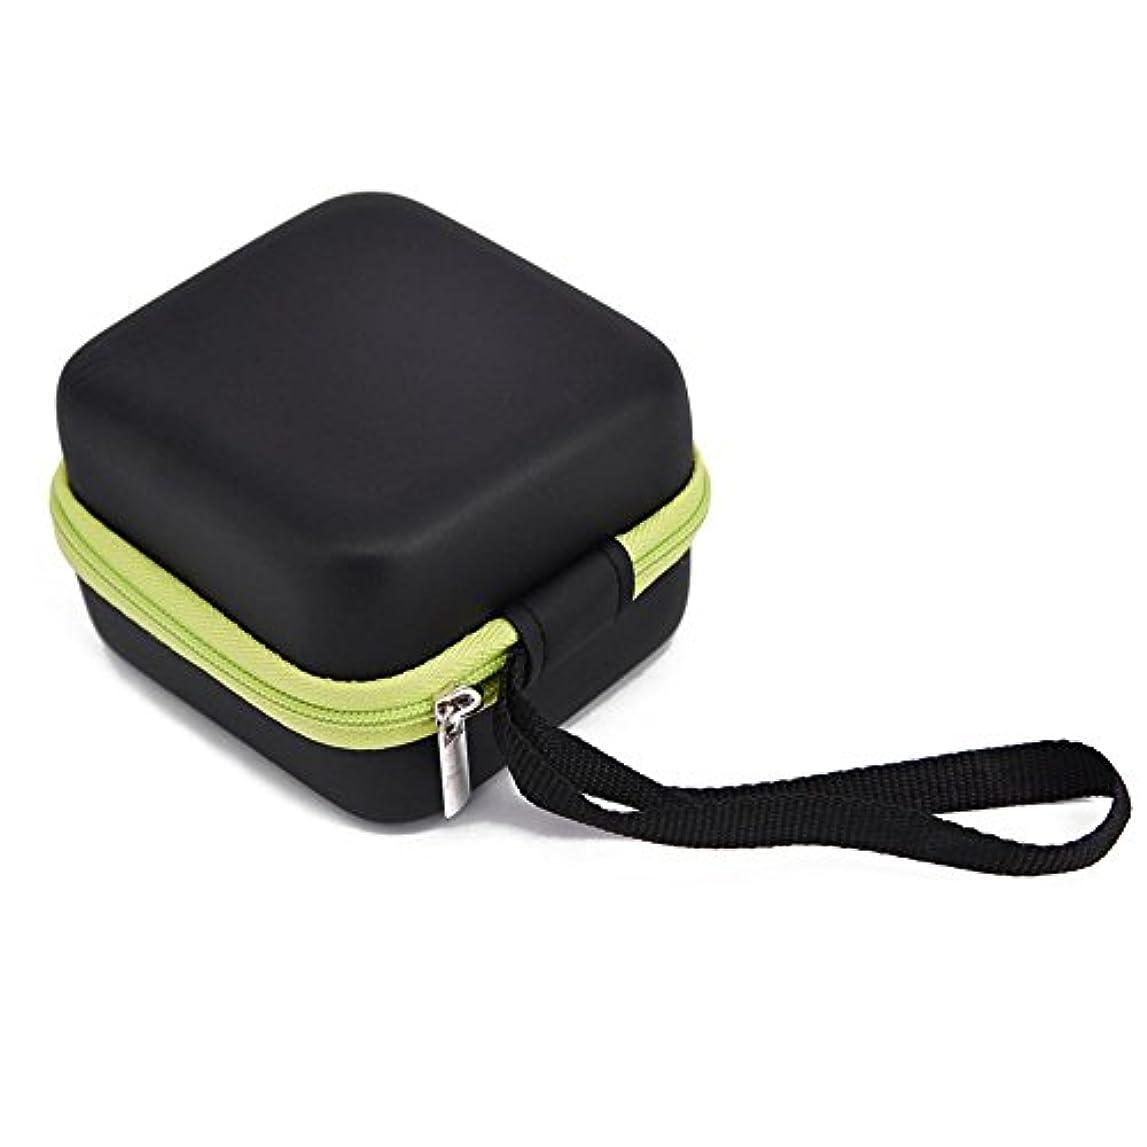 協同モジュール審判Farlong 7グリッド 5ML 精油貯蔵袋 エスニックスタイル オイル収納ボックス 人気の 精油 ケース 5色